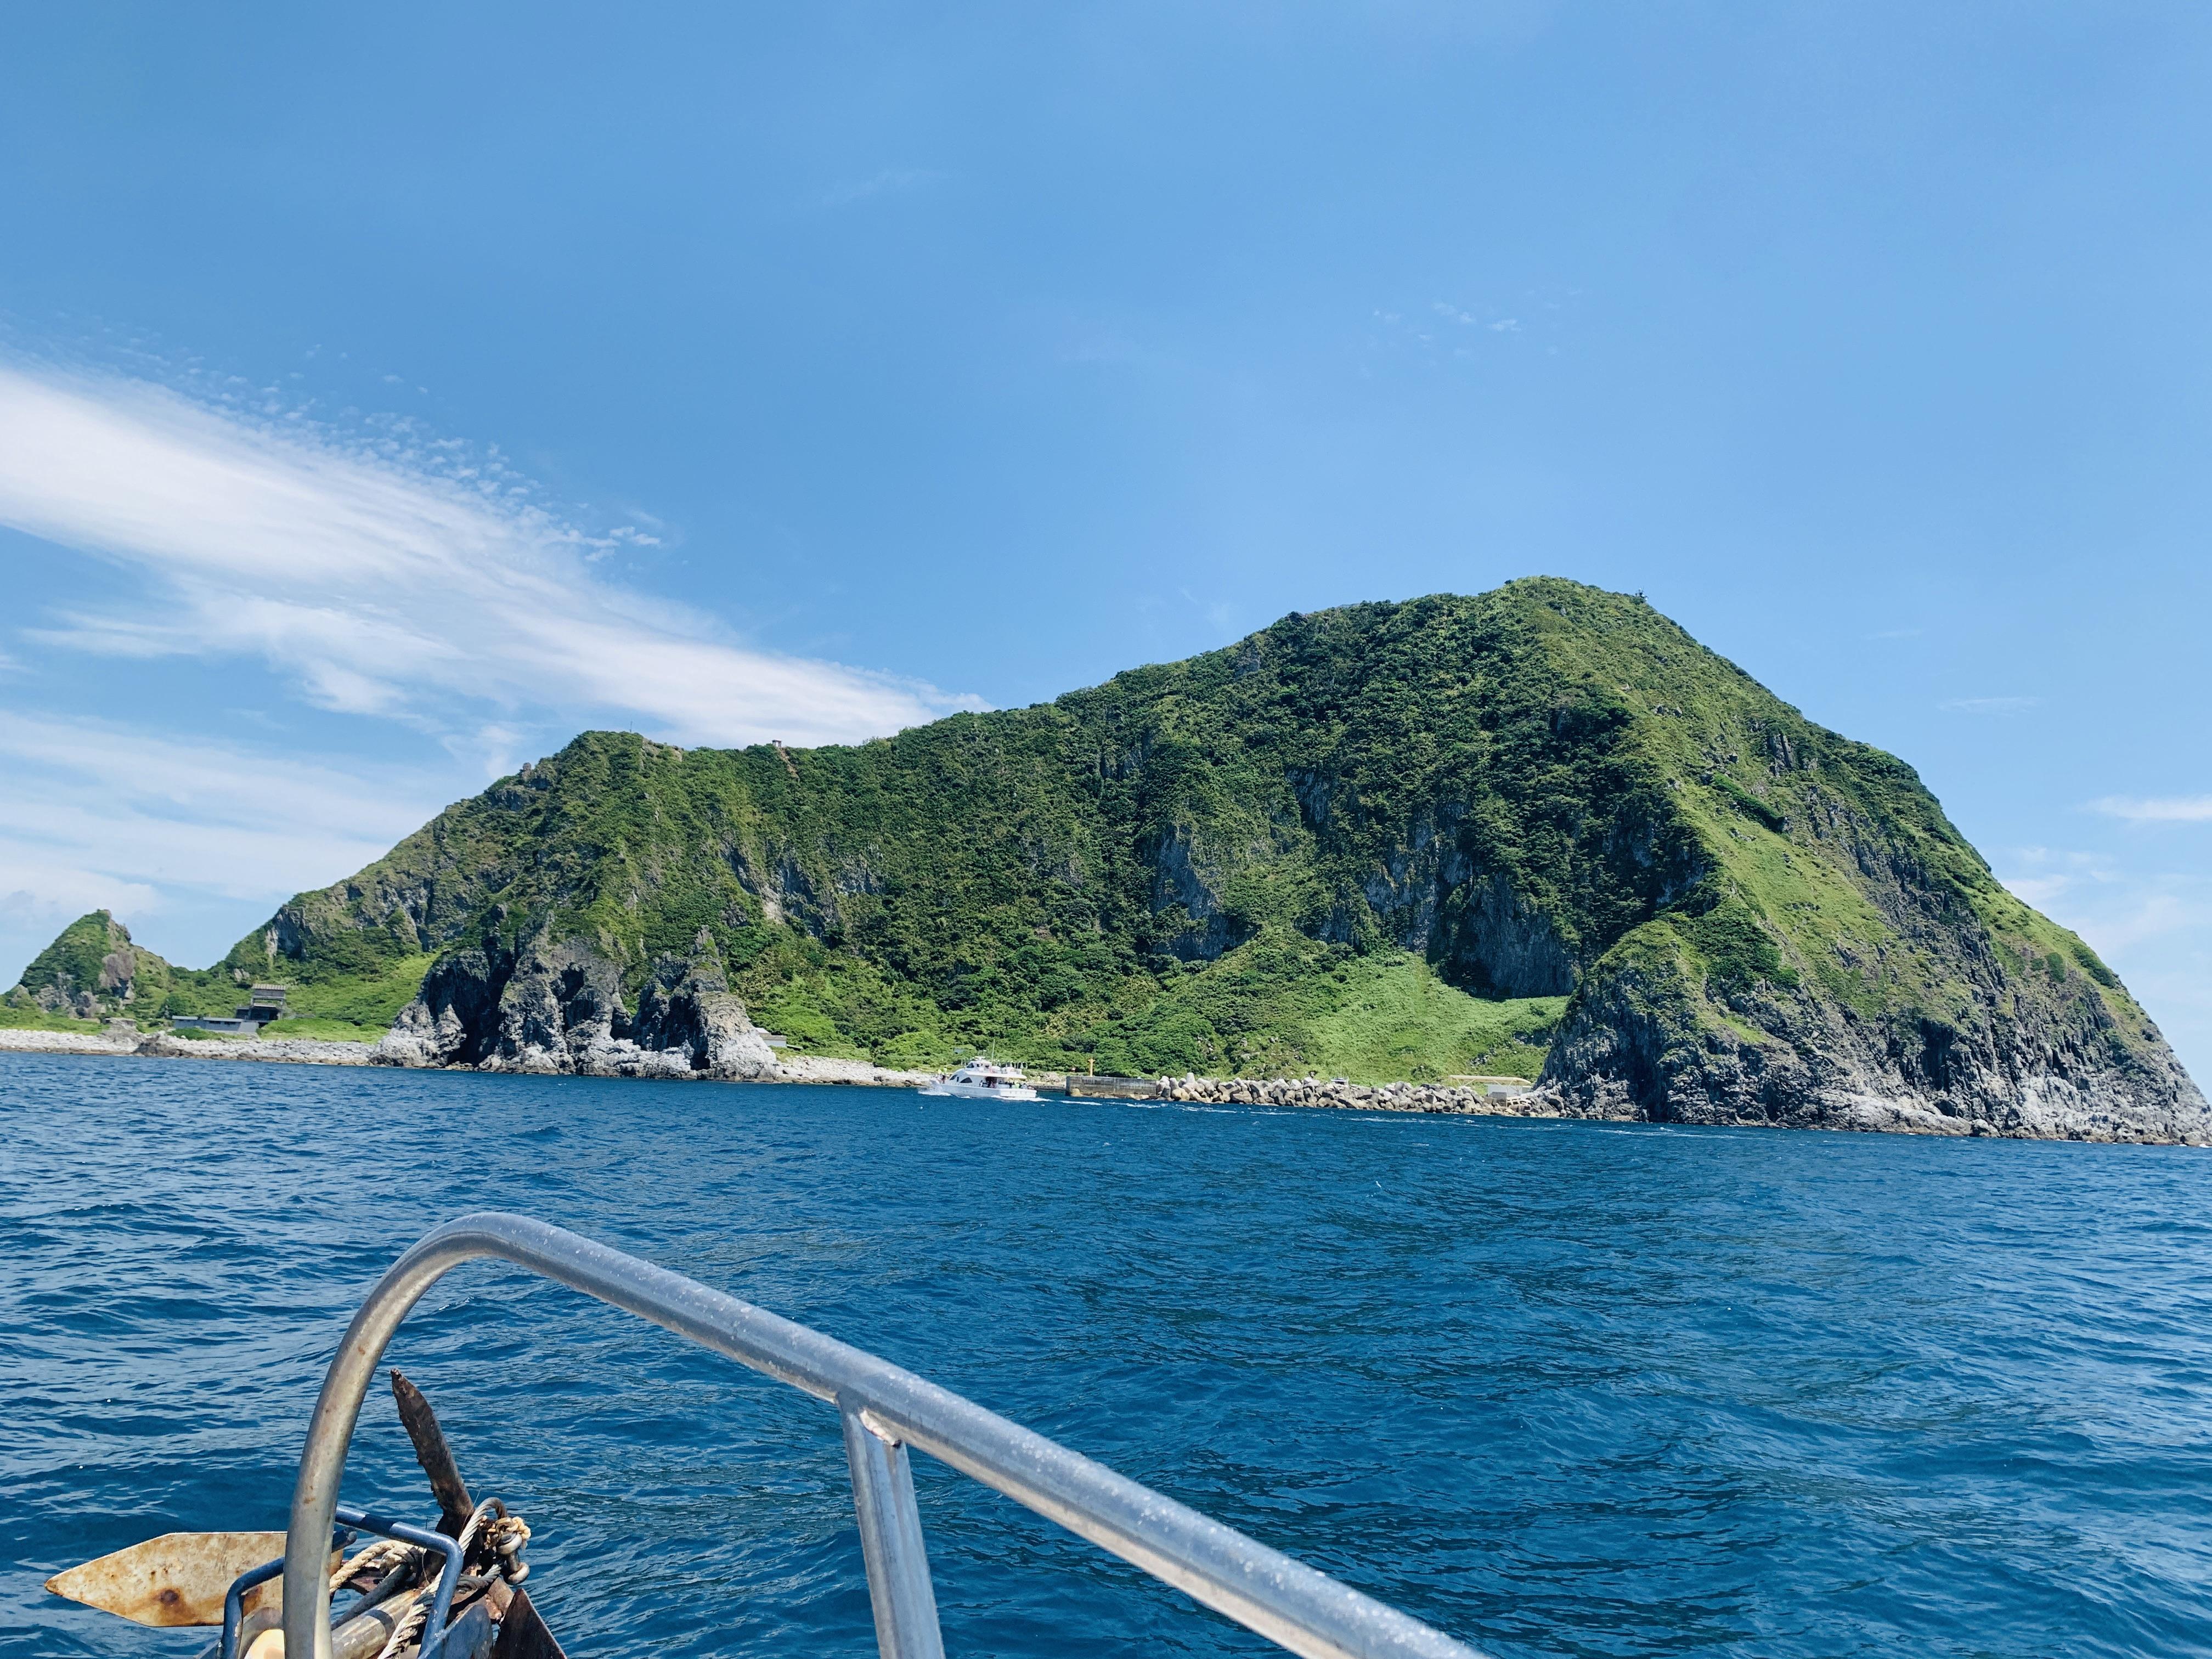 基隆嶼跟我這樣玩!登島繞島看燈塔,加碼推薦基隆嶼周邊美食景點